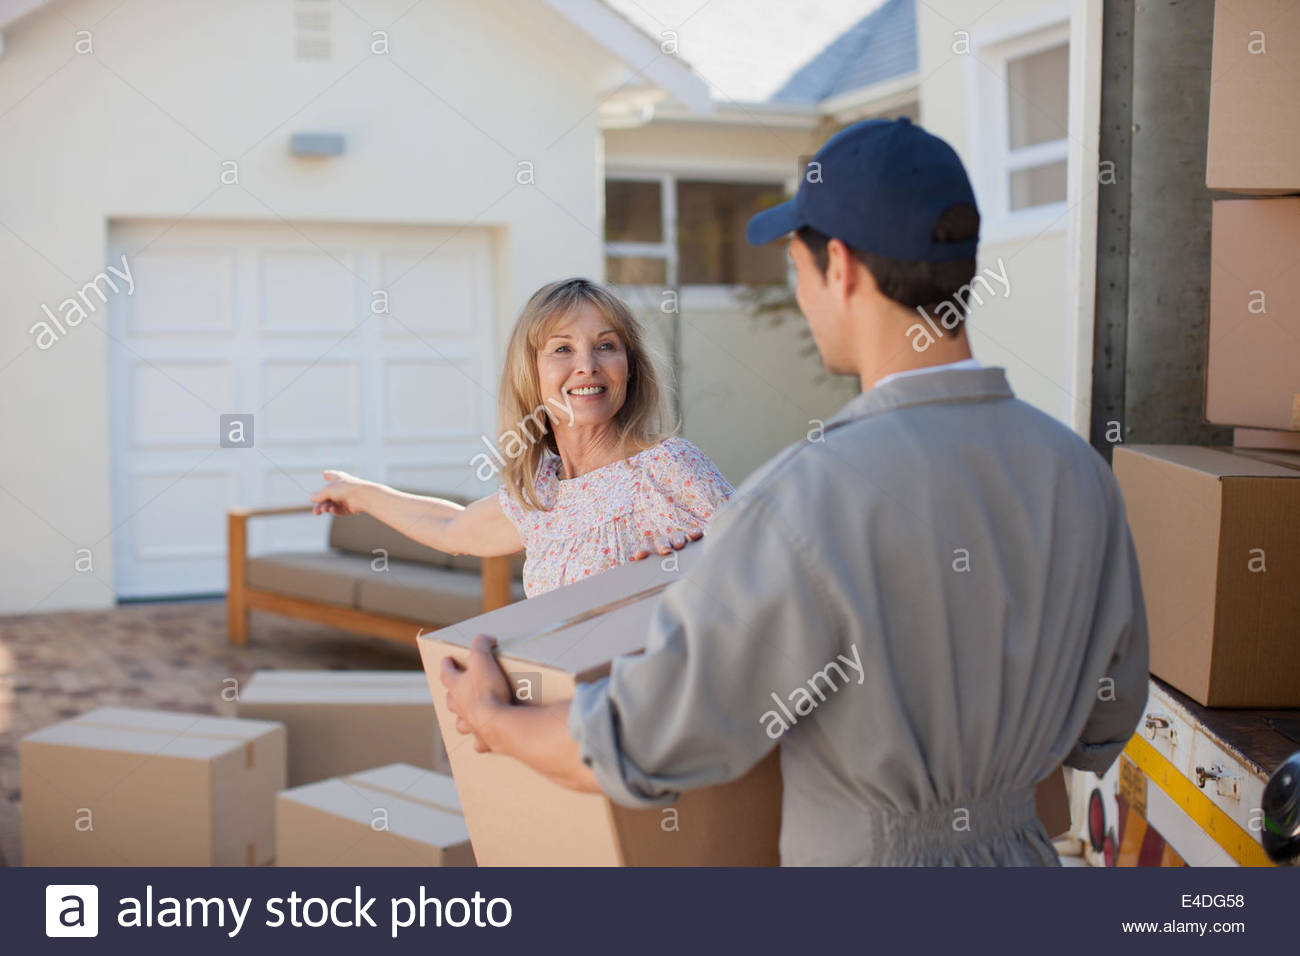 Mover aiutando la donna si sposta nella nuova casa Immagini Stock